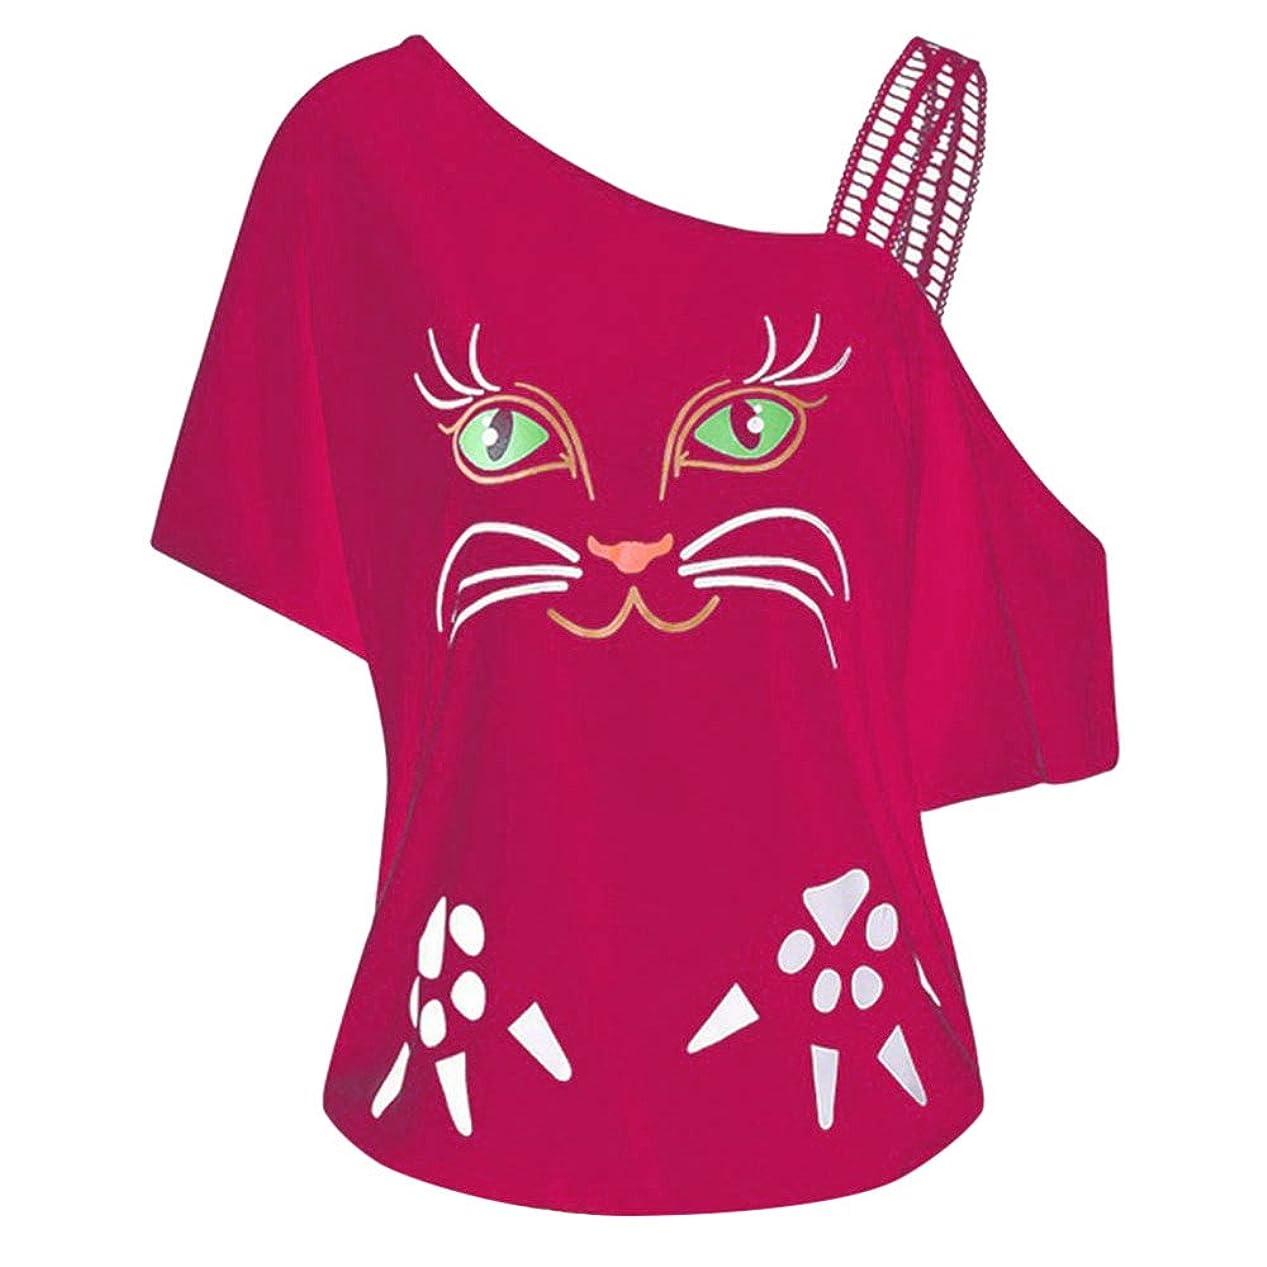 面くすぐったい溶かすHosam レディース 洋服 片肩 猫 お洒落 おもしろ プリント Tシャツ お洒落 体型カバ― お呼ばれ 通勤 日常 快適 大きなサイズ シンプルなデザイン 20代30代40代でも (L, ピンク)